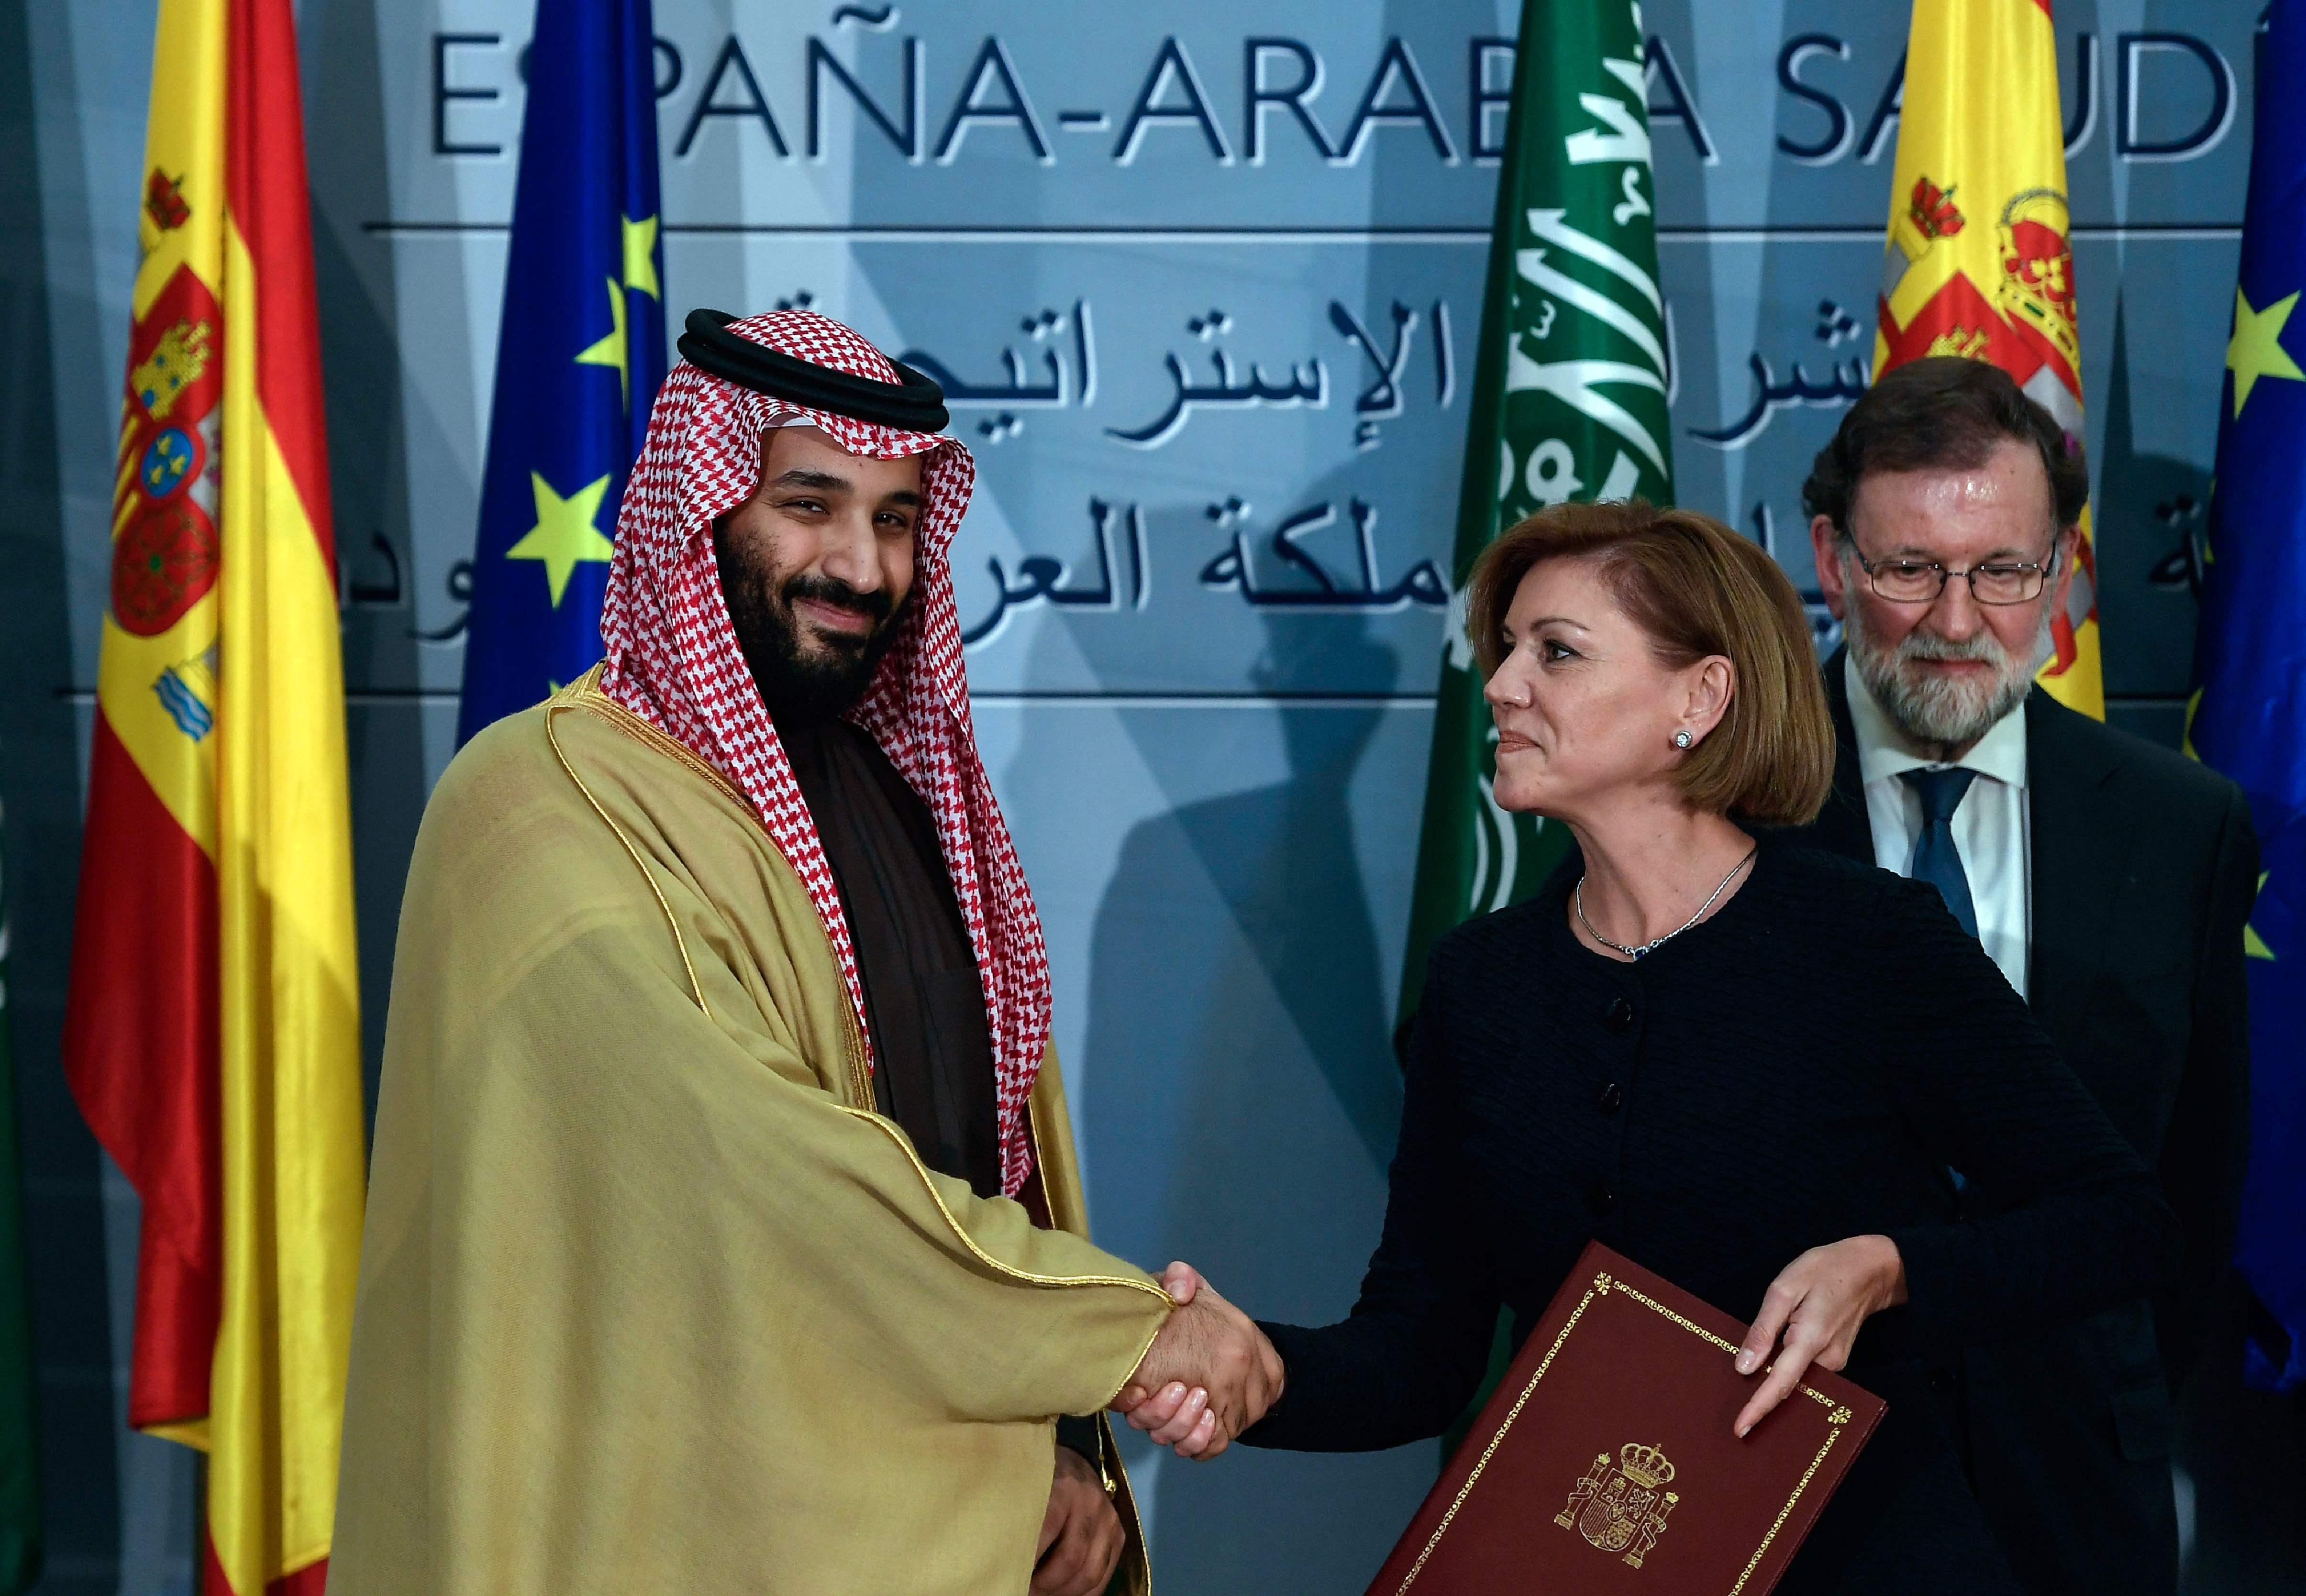 وزيرة الدفاع الإسبانية تصافح ولى العهد